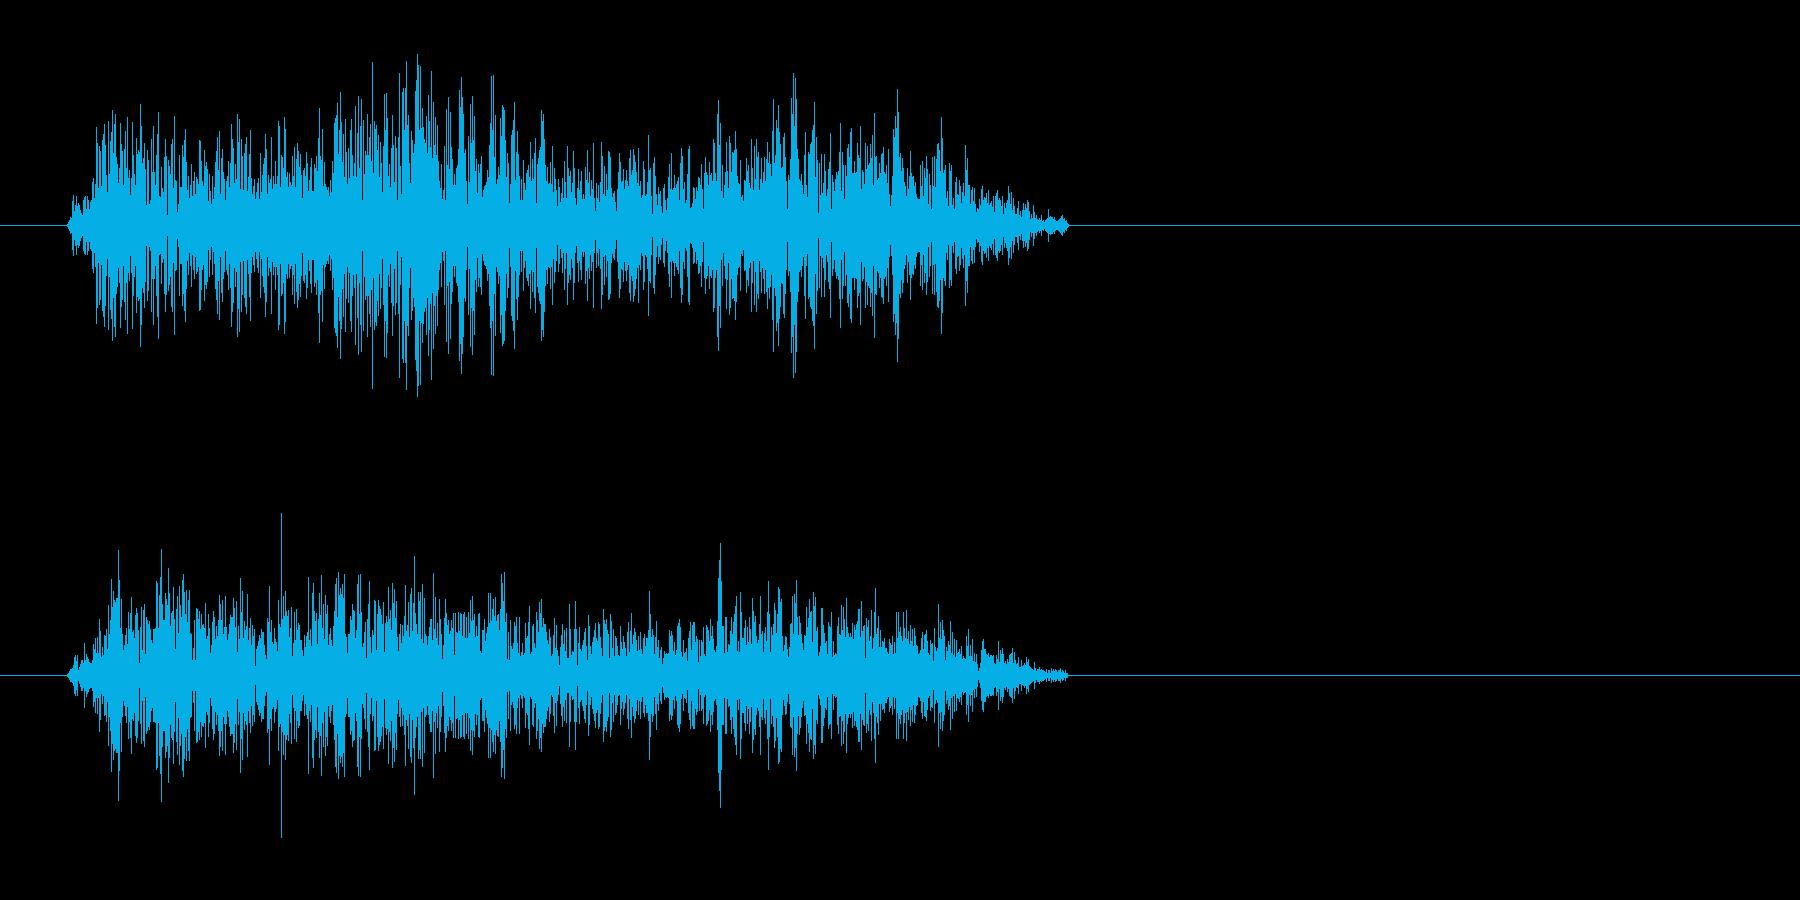 シャー(もしくはチュイン)短い音の再生済みの波形